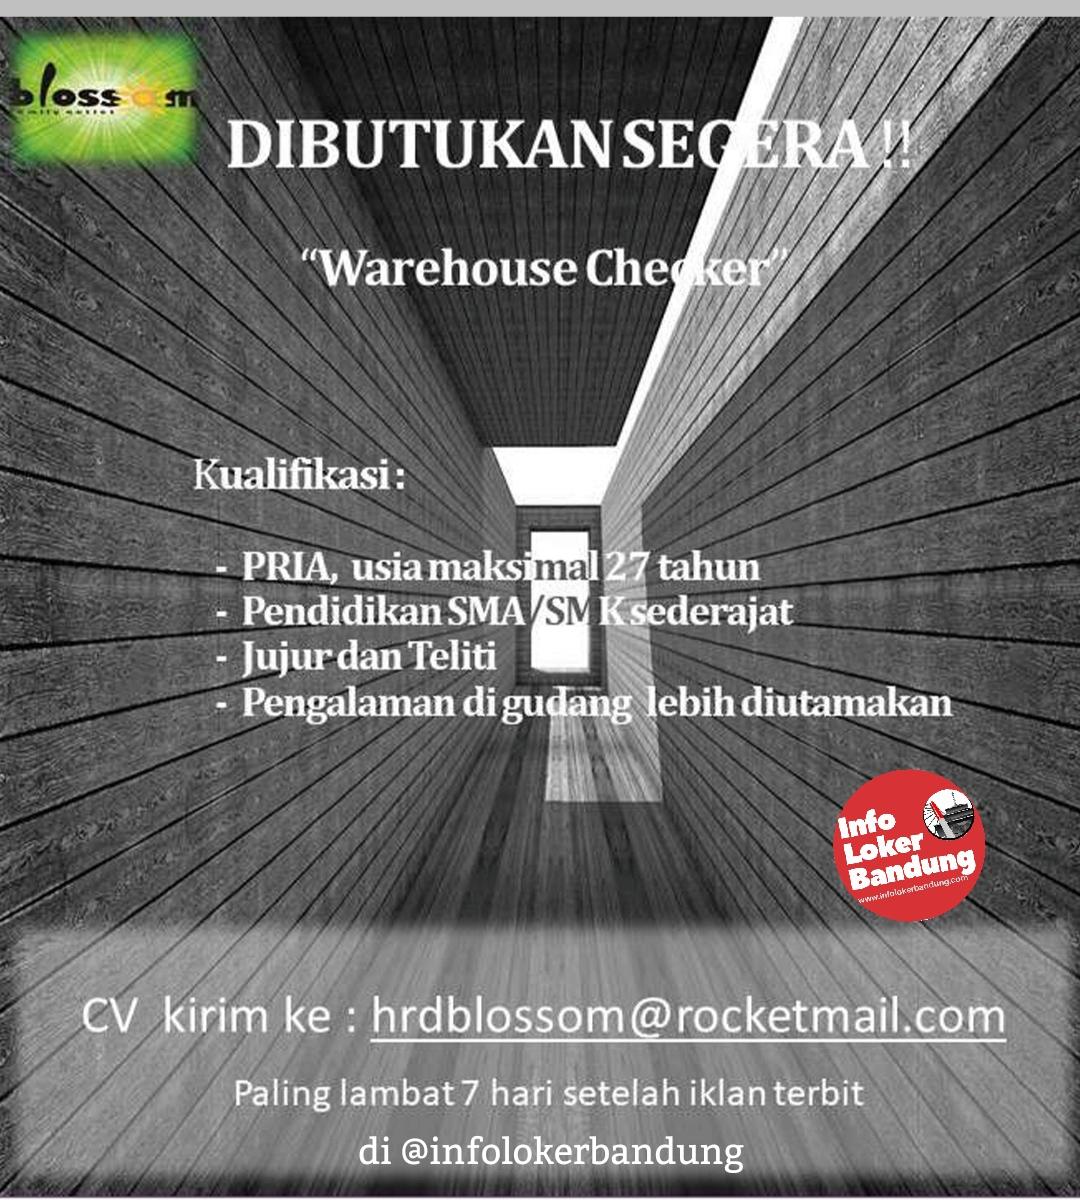 Lowongan Kerja Warehouse Checker PT. Blossom Mandiri Sejati Bandung Januari 2020